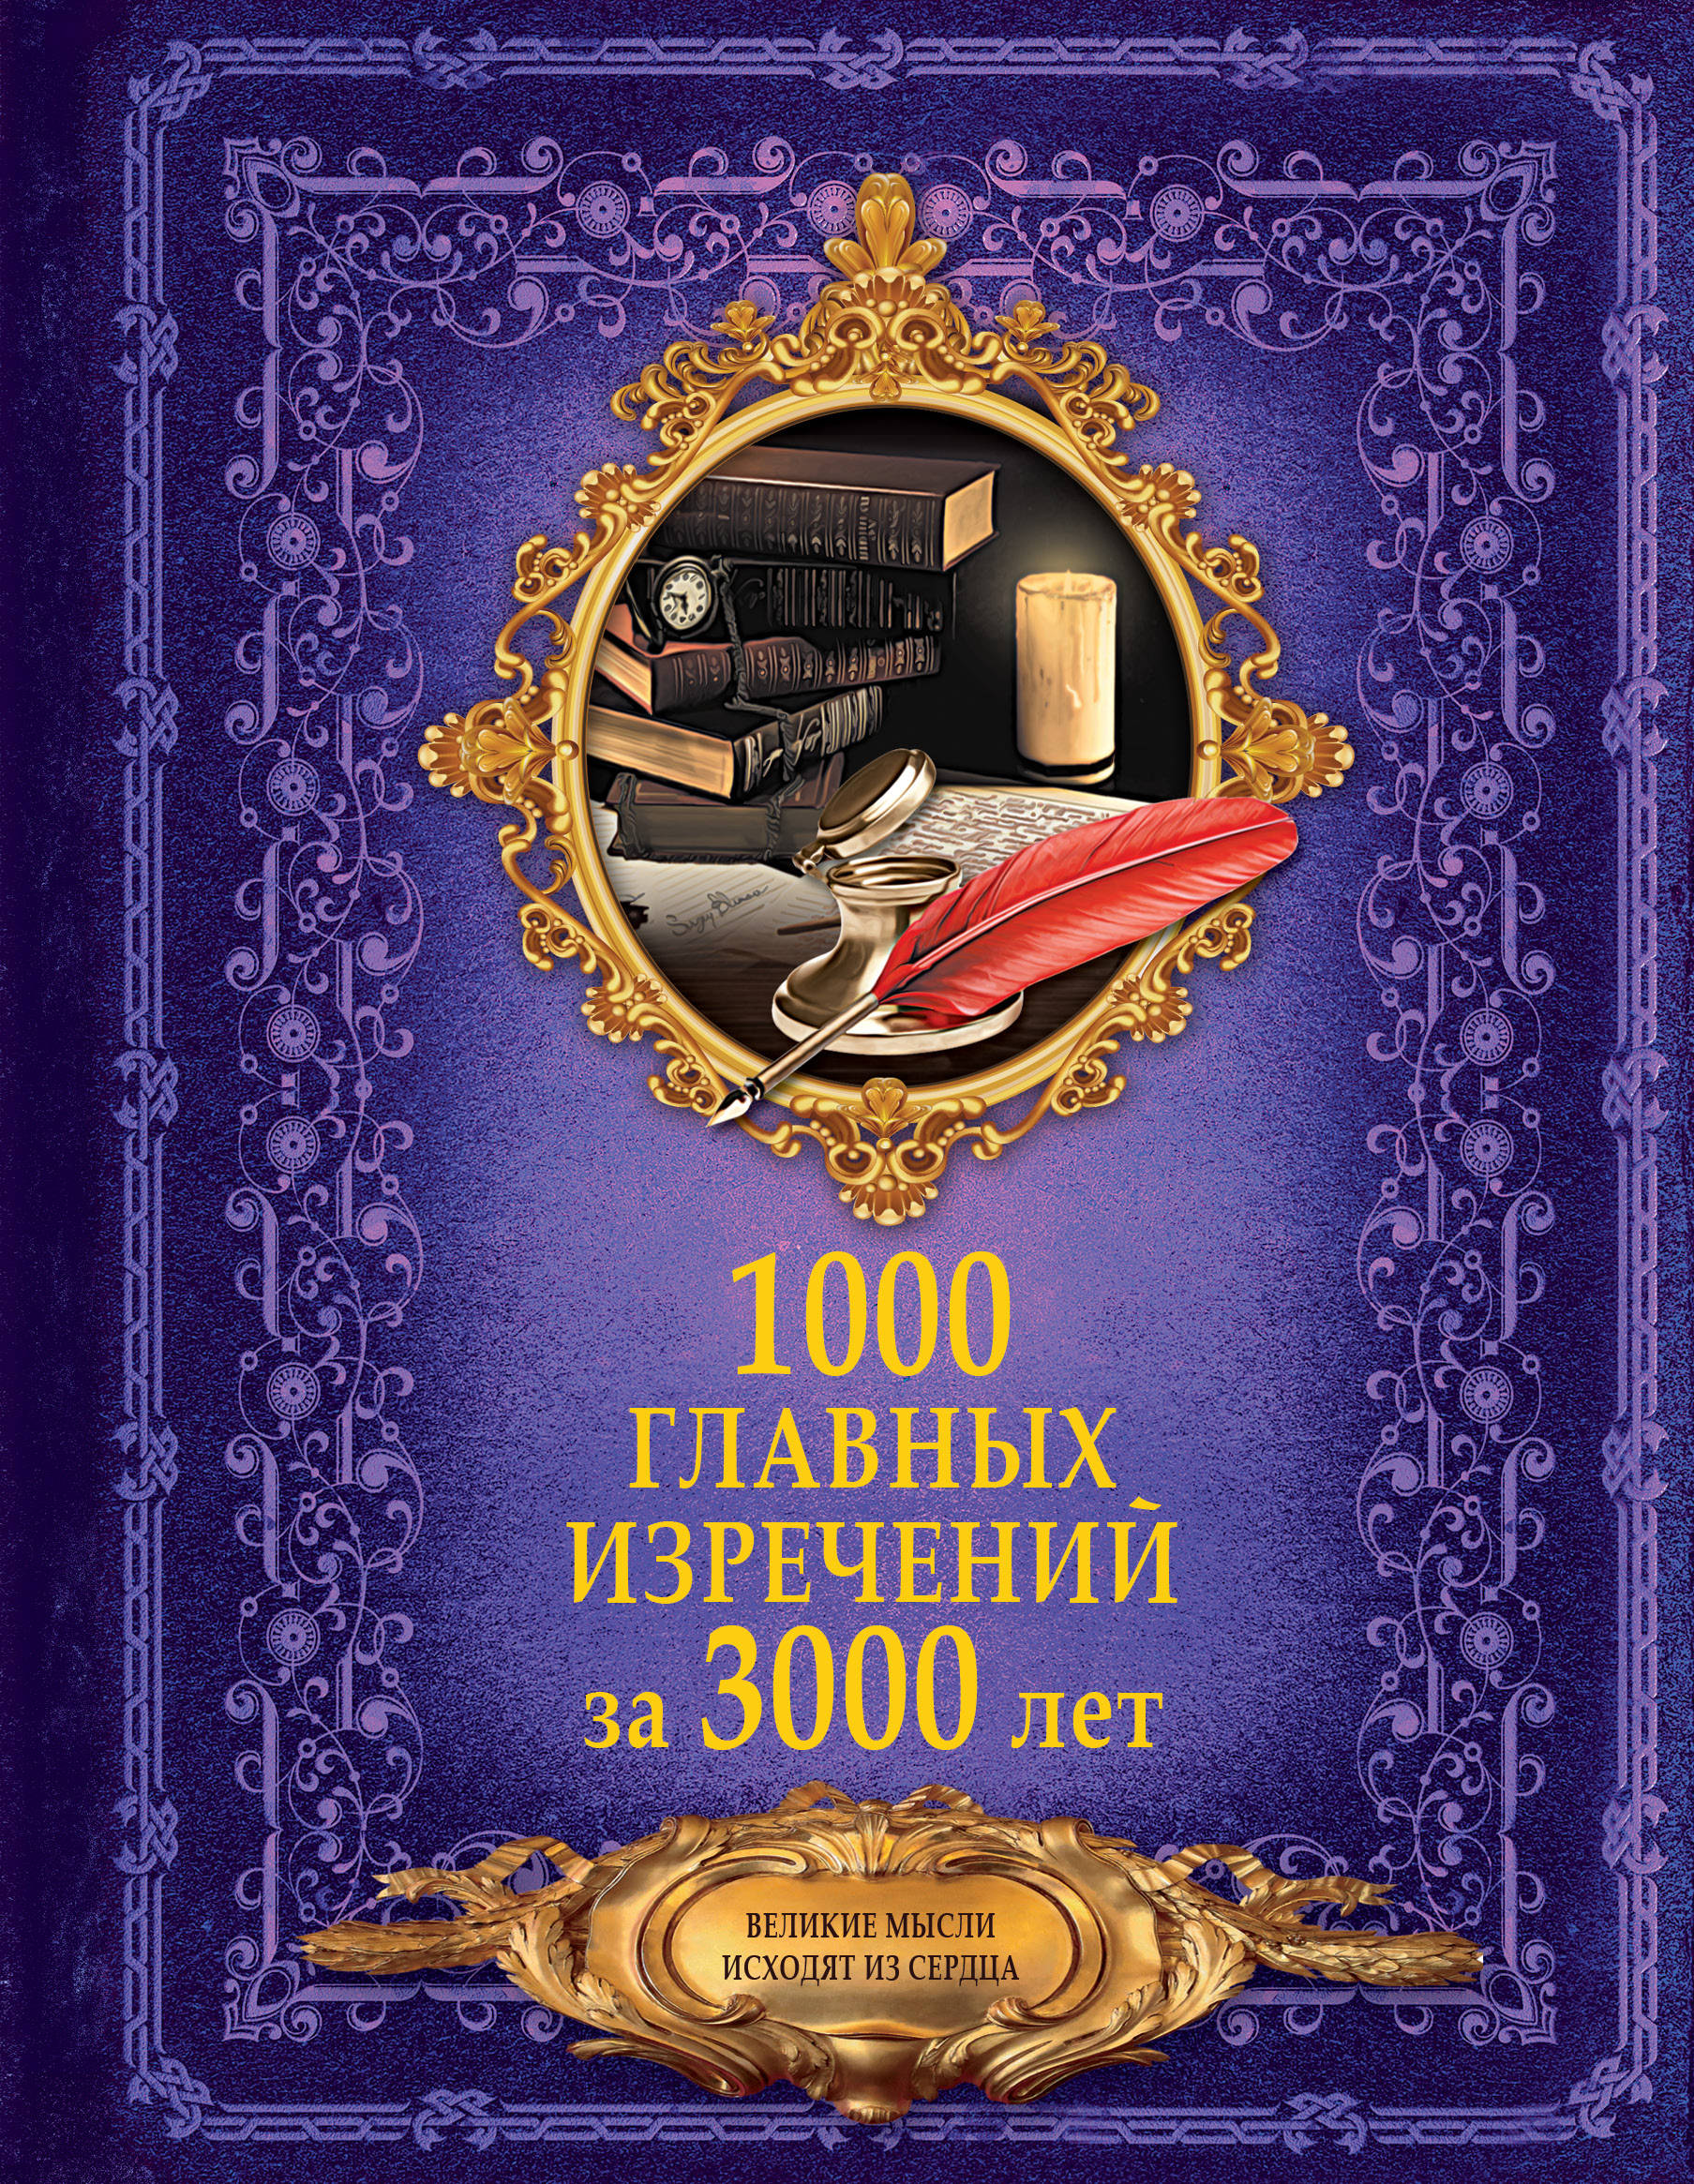 Спектор Анна Артуровна; Филиппова Мира Дмитриевна 1000 главных изречений за 3000 лет